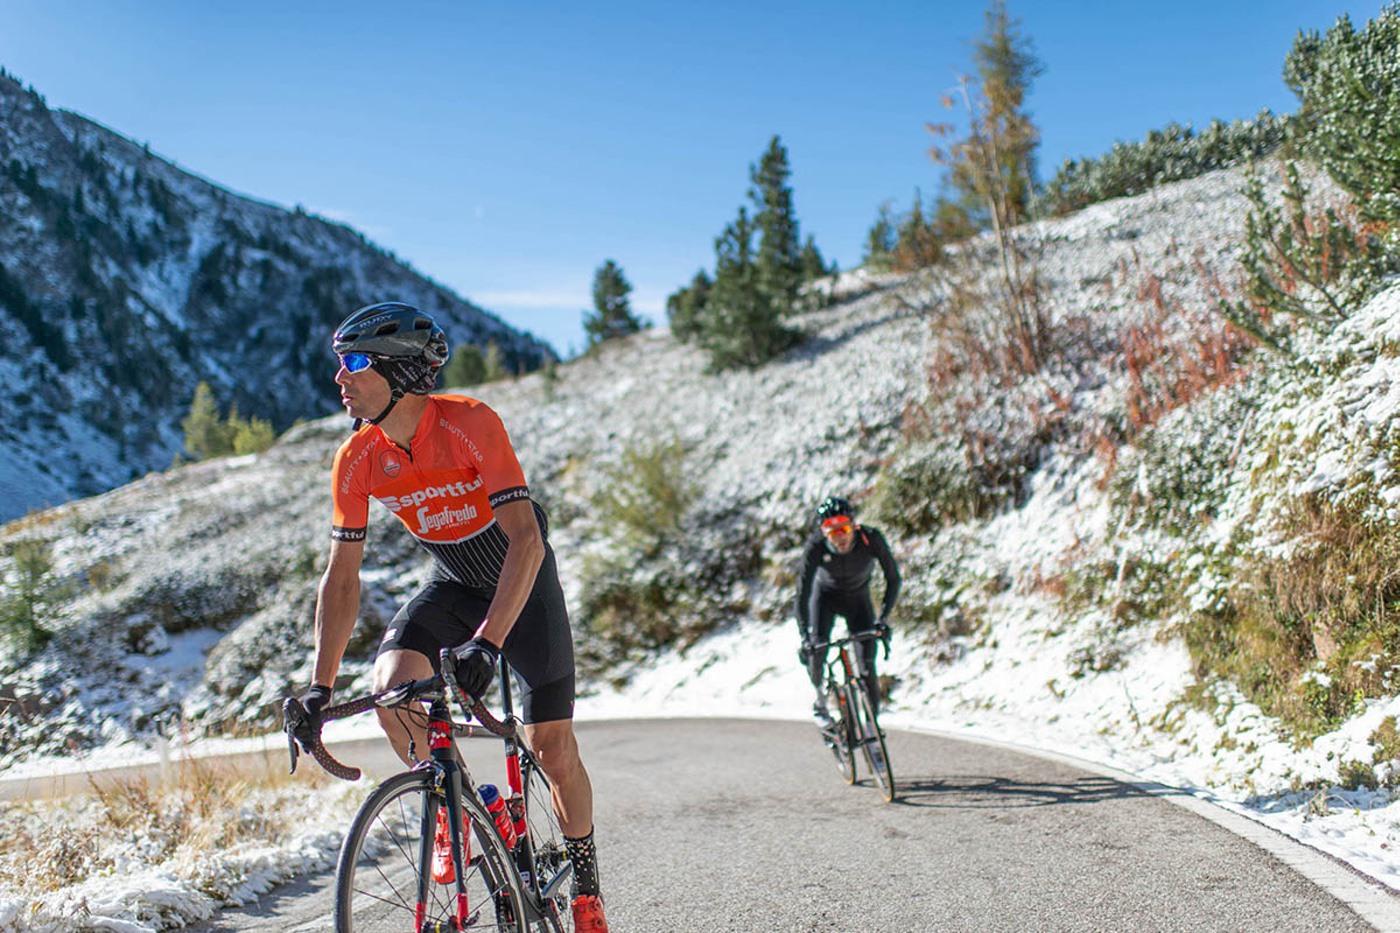 25º aniversario de la Sportful Dolomiti Race